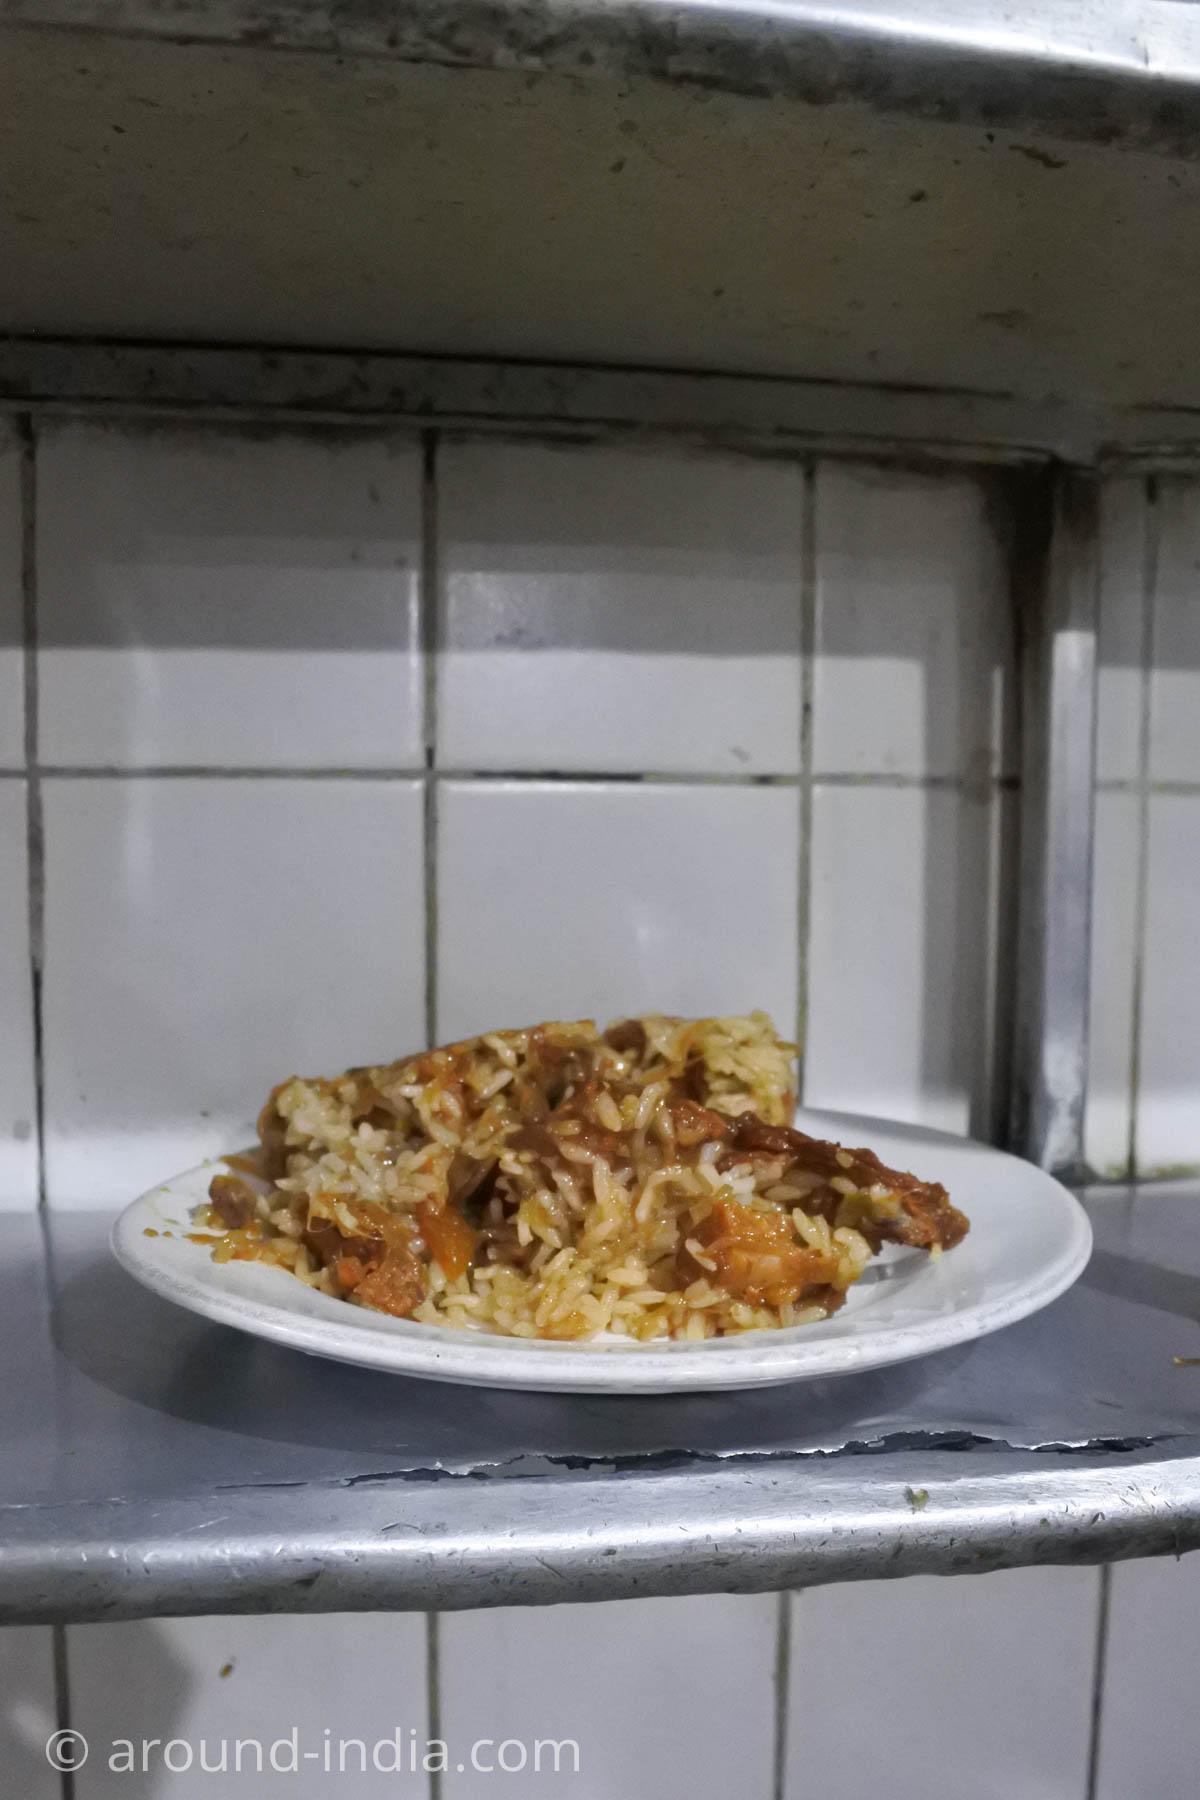 カヌールのビリヤニが人気のレストランMVKのライスを盛る前のグレービー